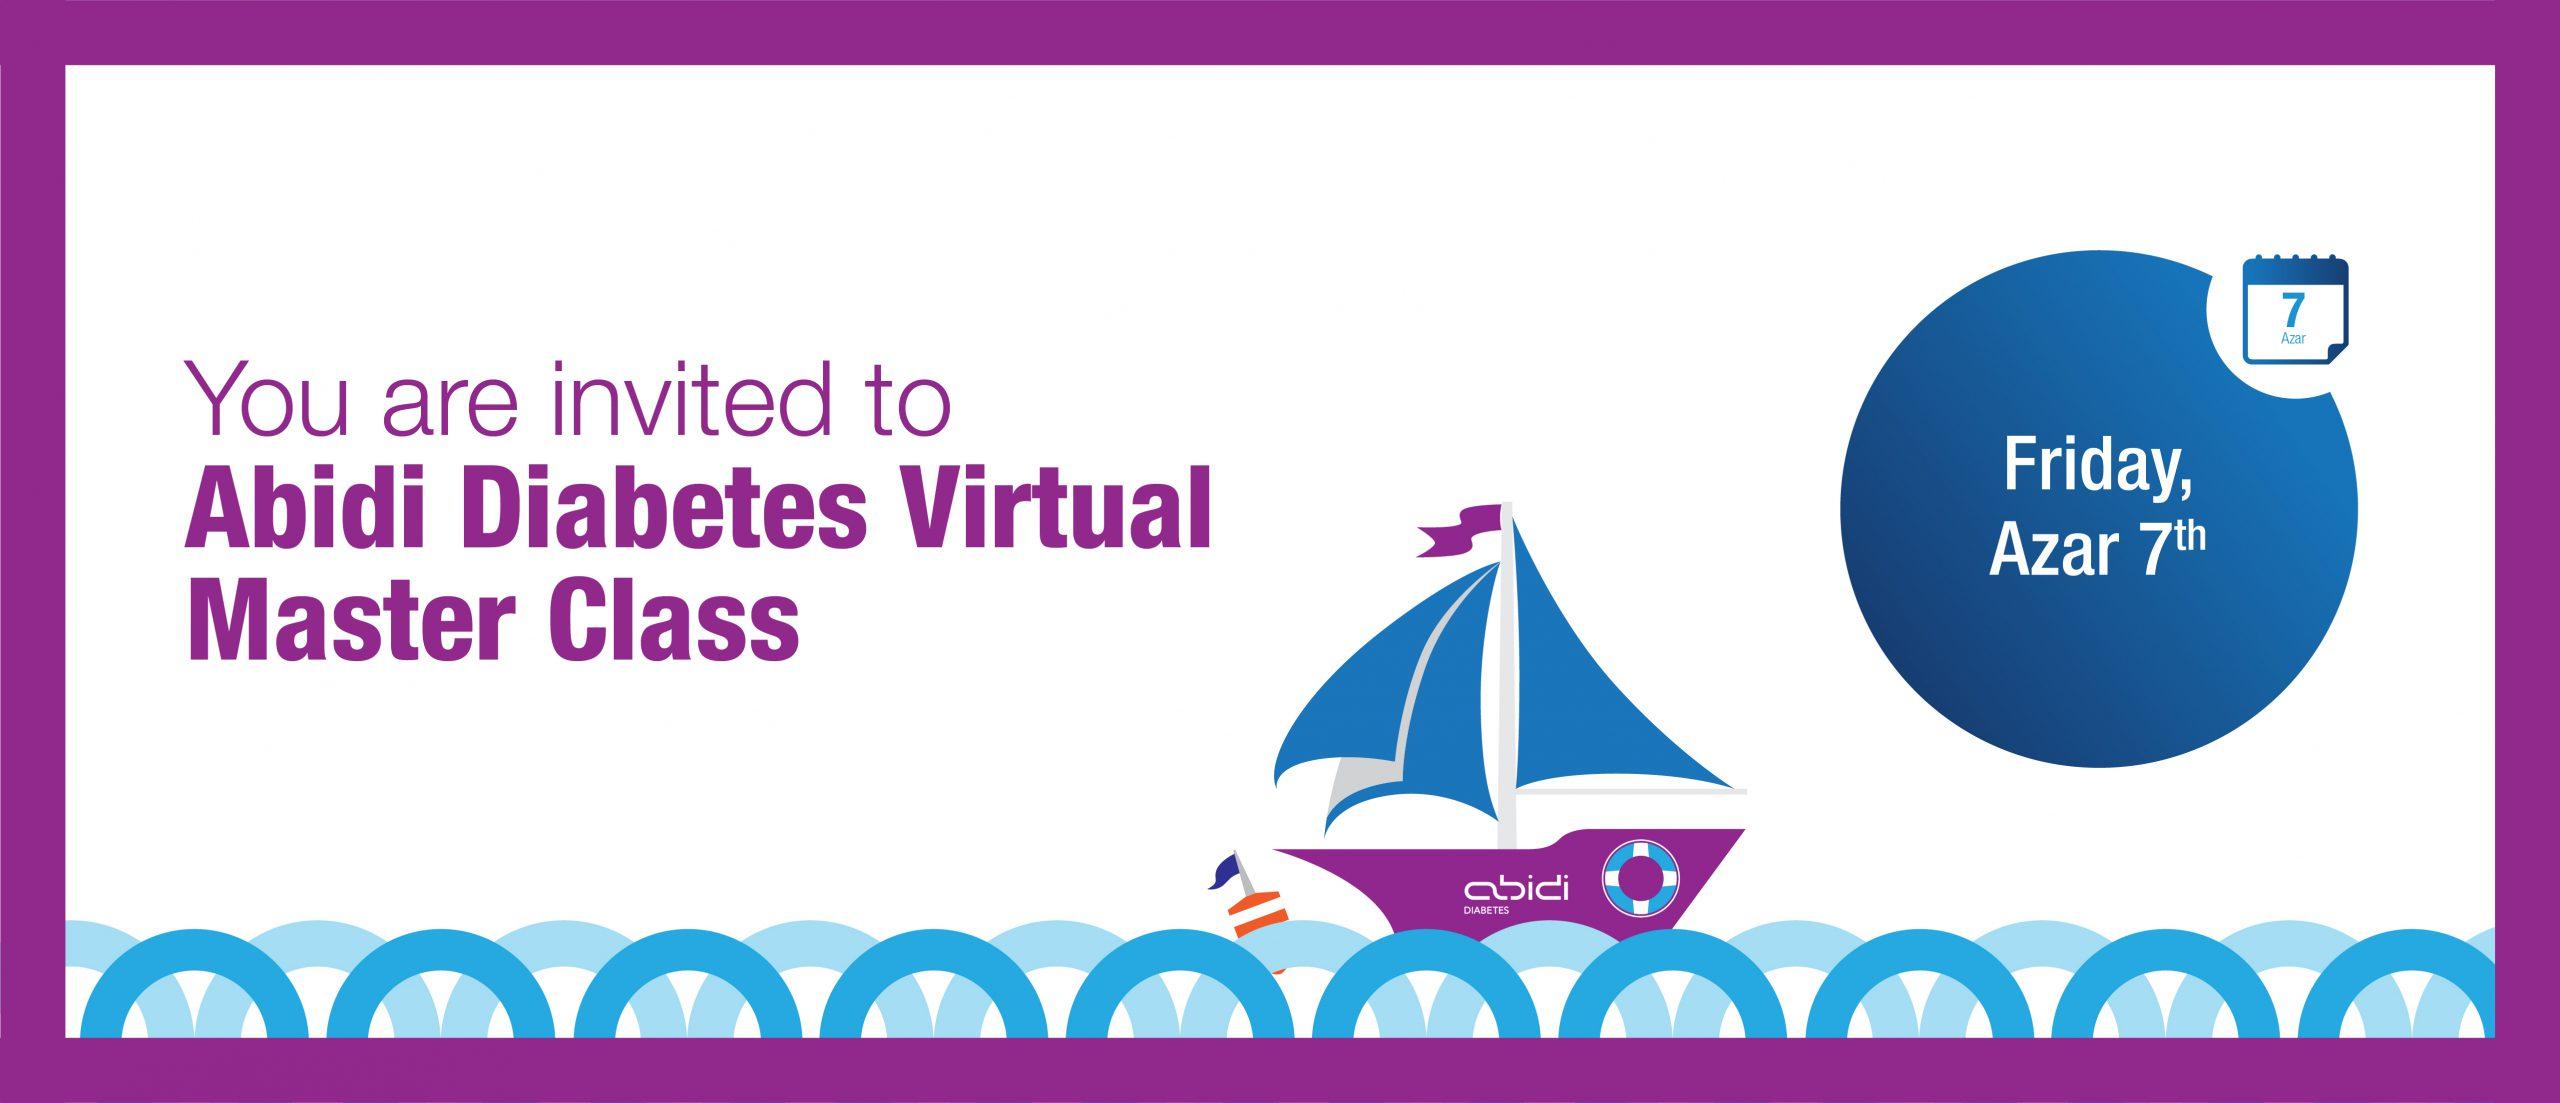 Abidi Diabetes Virtual Advanced Master Class